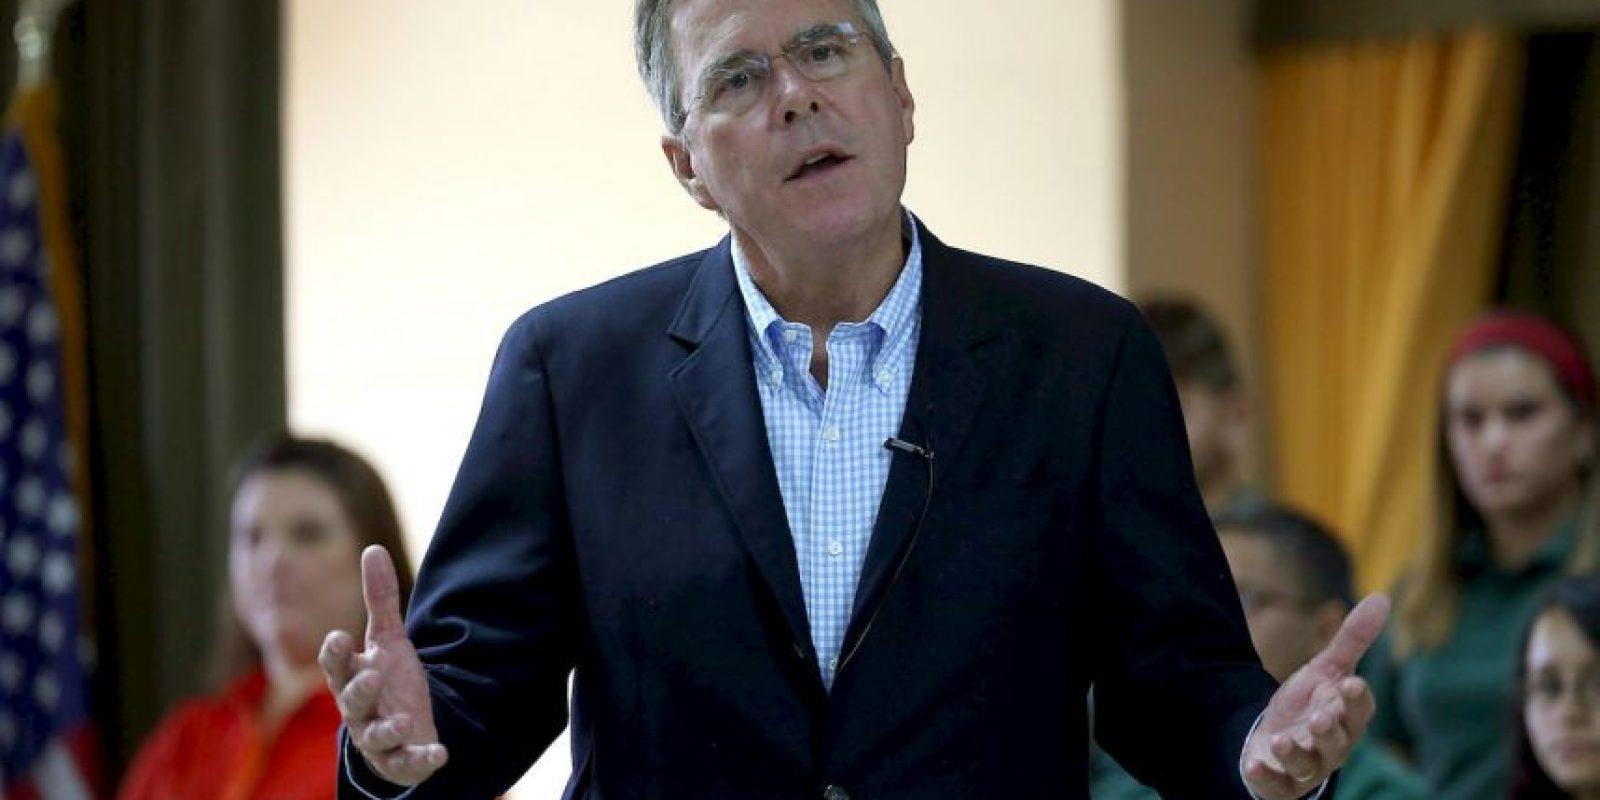 El senador mostró un buen desempeño e incluso fue el más buscado en Google durante el debate. Este propuso un sistema migratorio basado en méritos y se defendió de los ataques de Bush. Foto:Getty Images